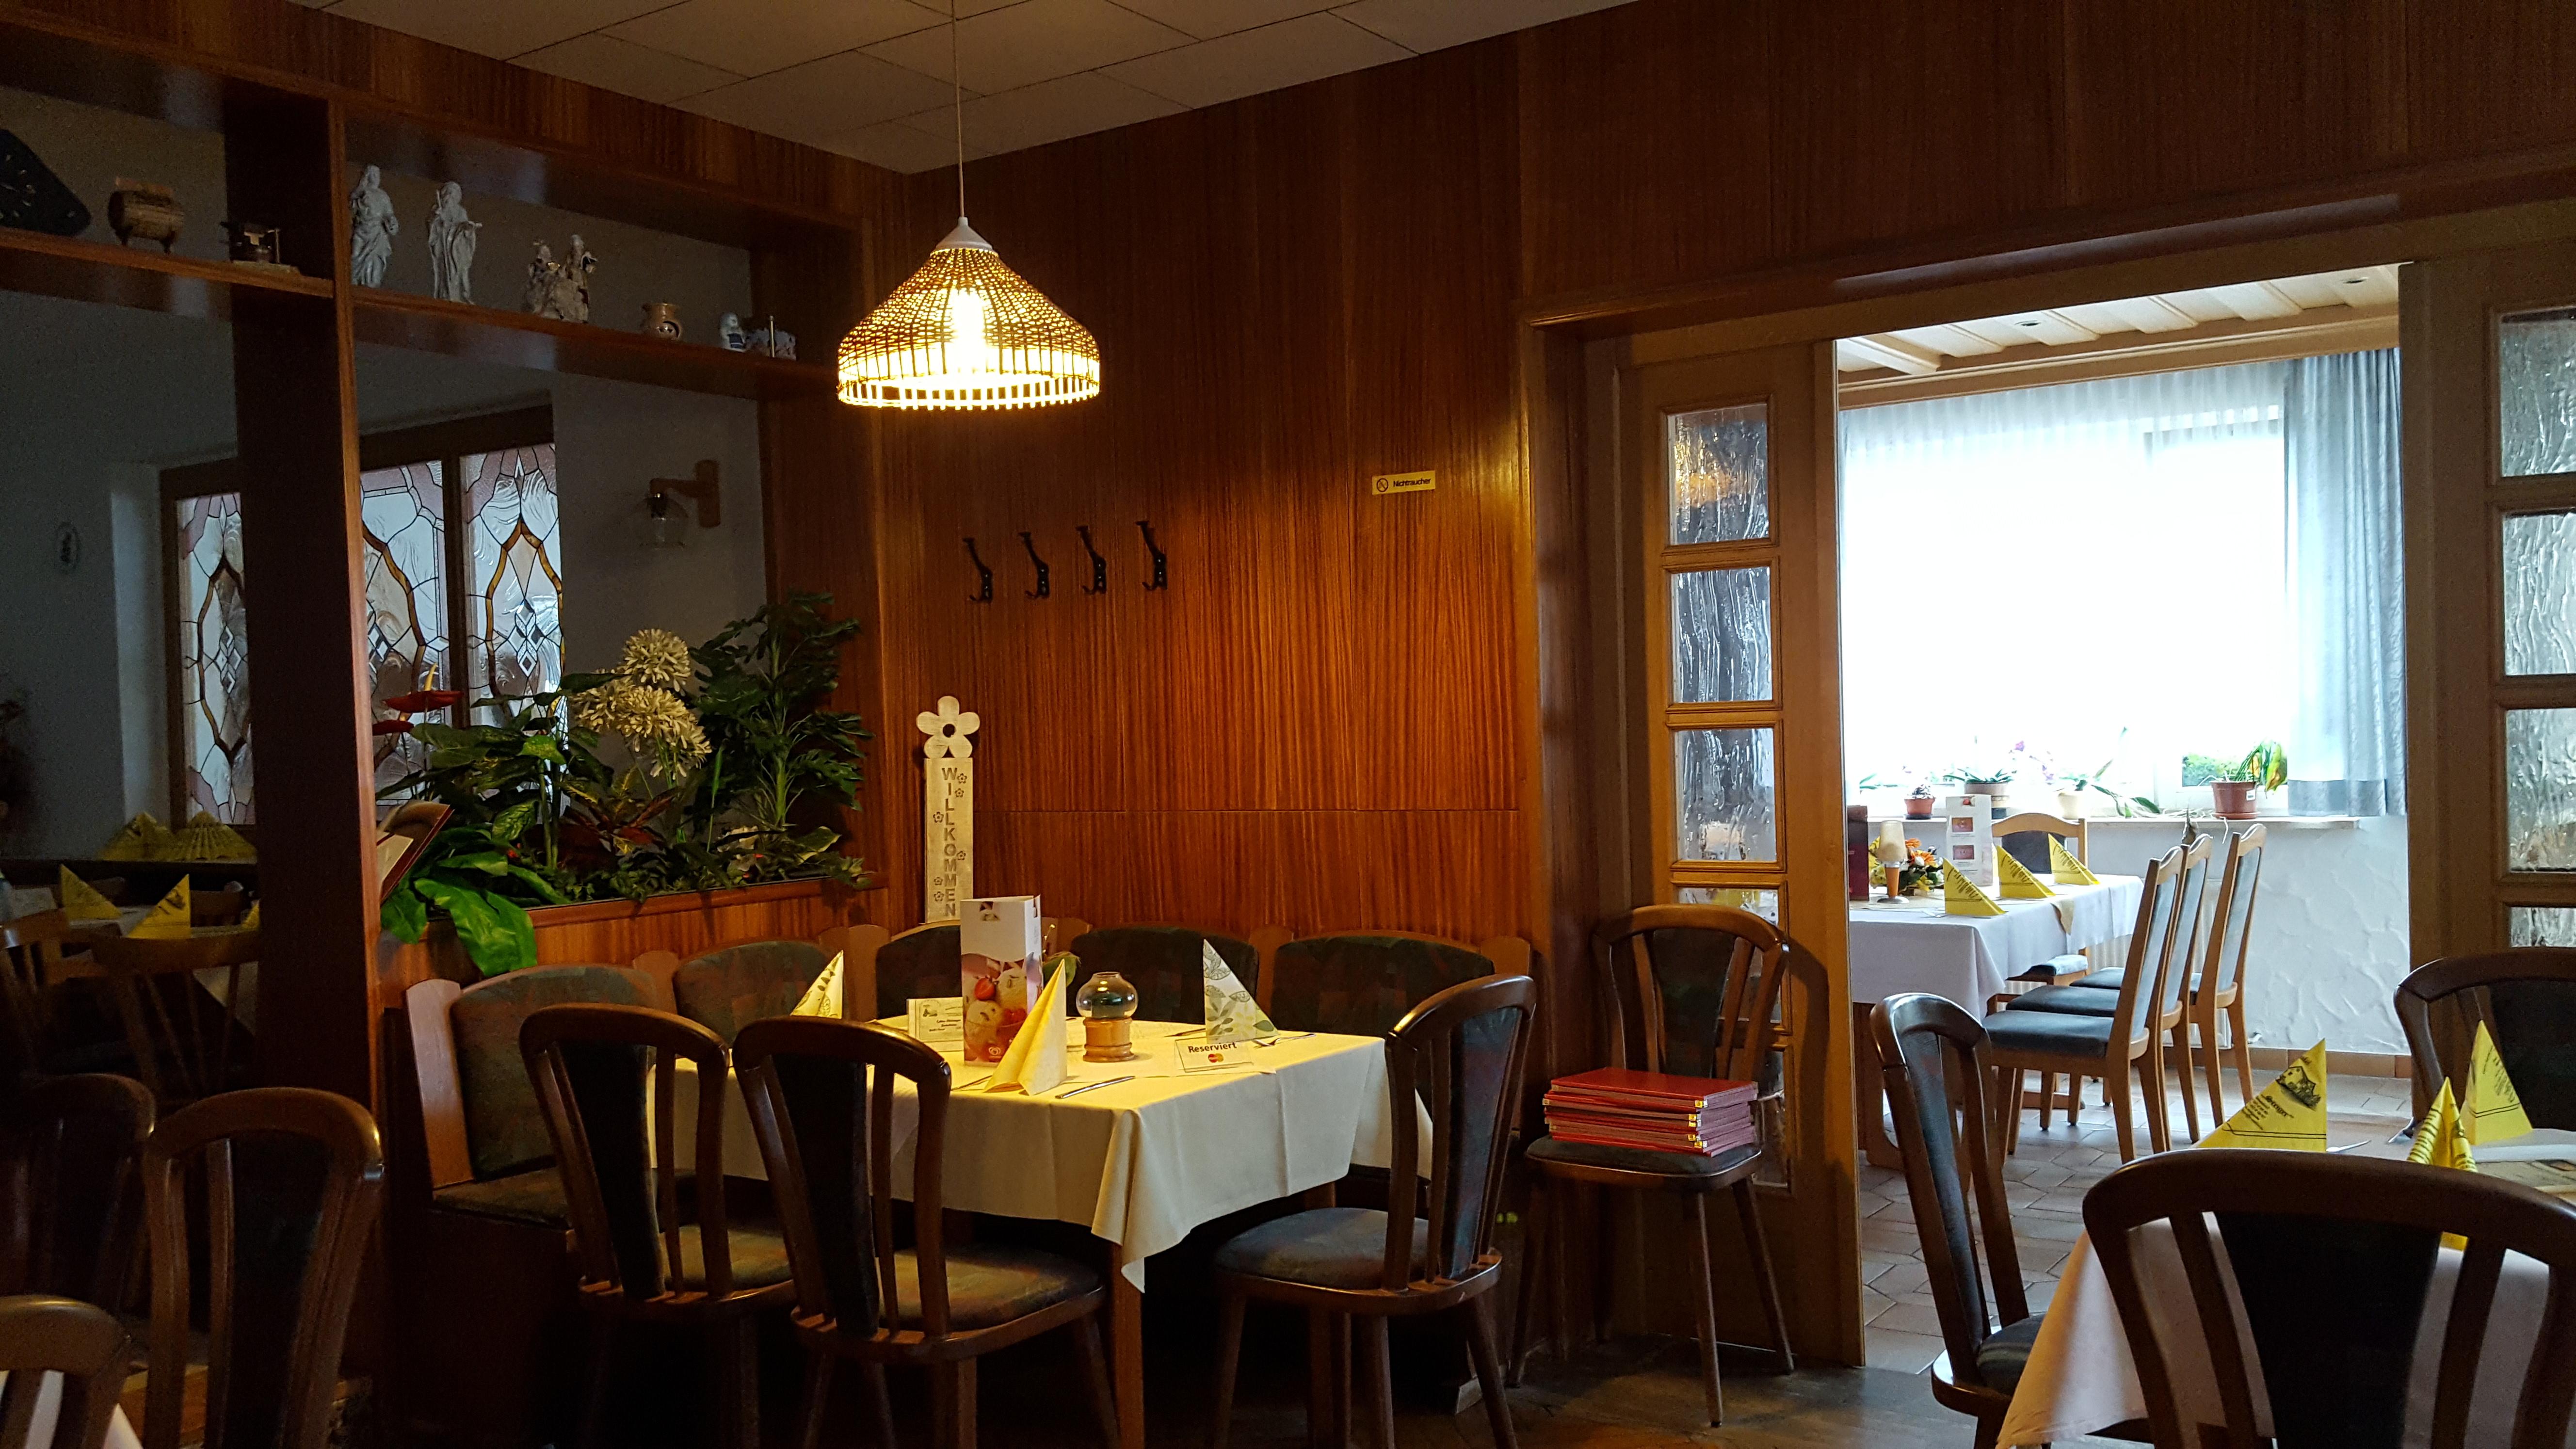 restaurant-u-fruehstzimmer